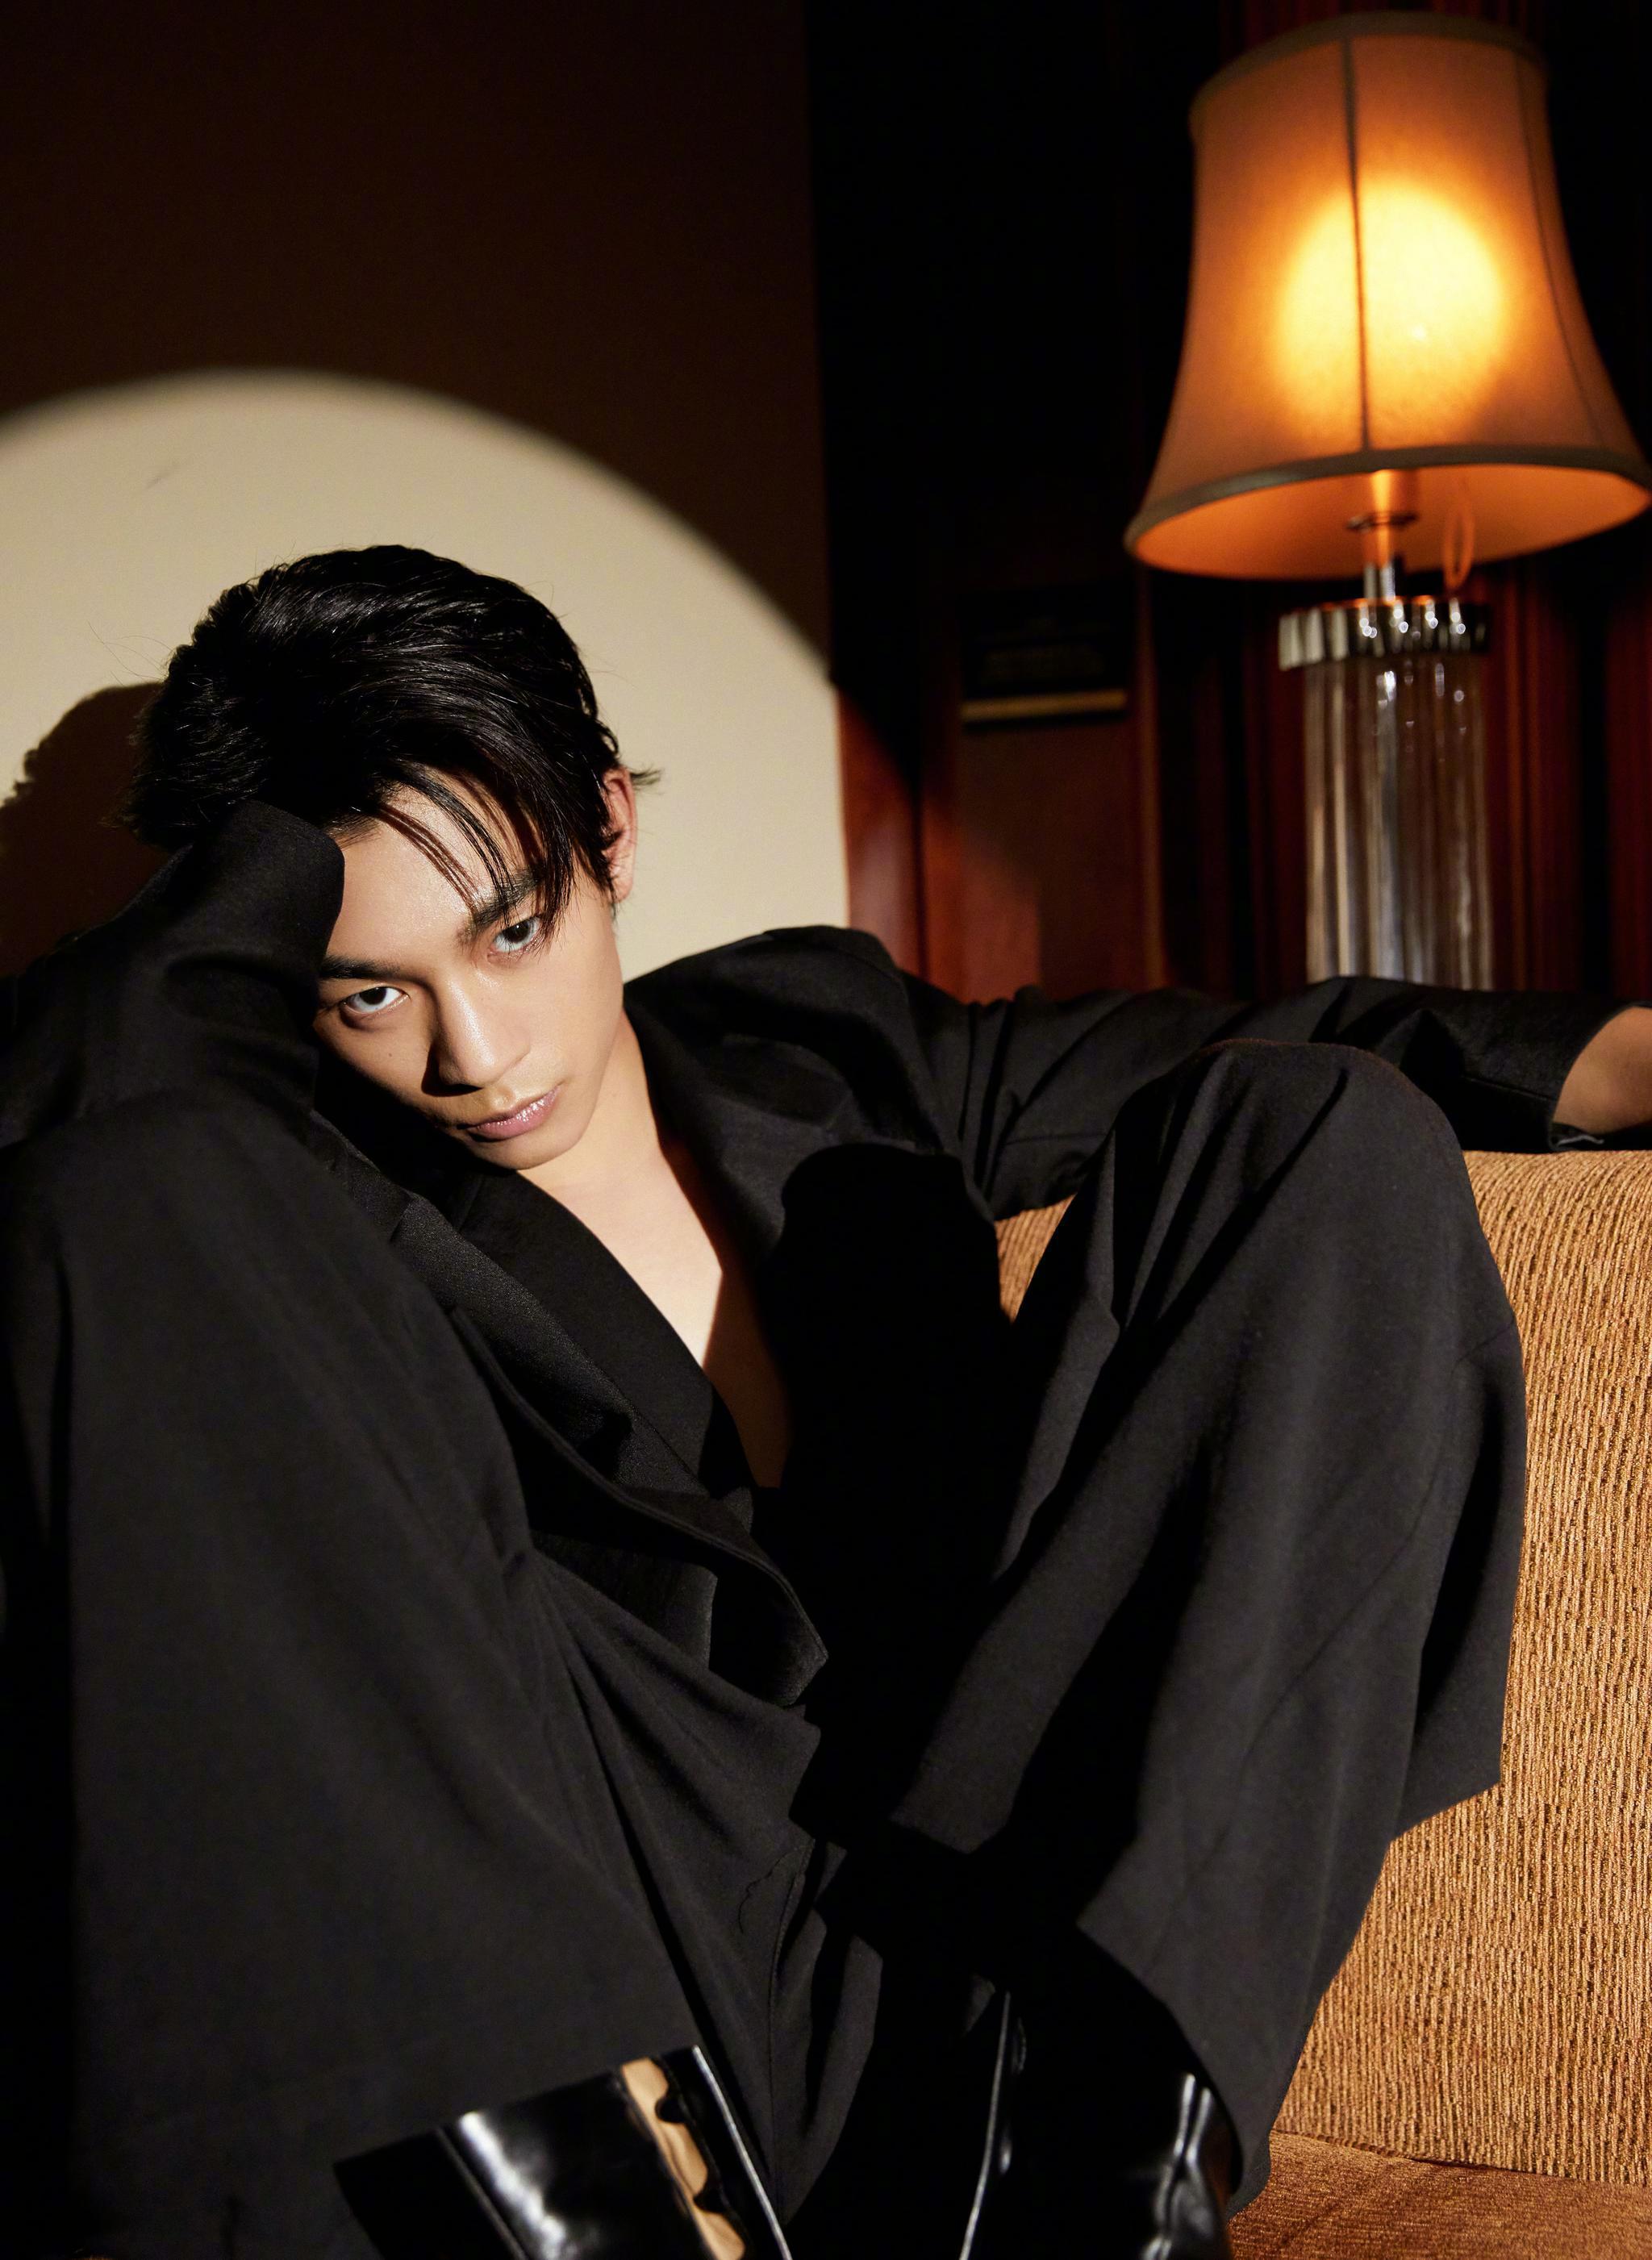 今日 首映礼,@張宥浩 绑带式黑色西装别致有型……